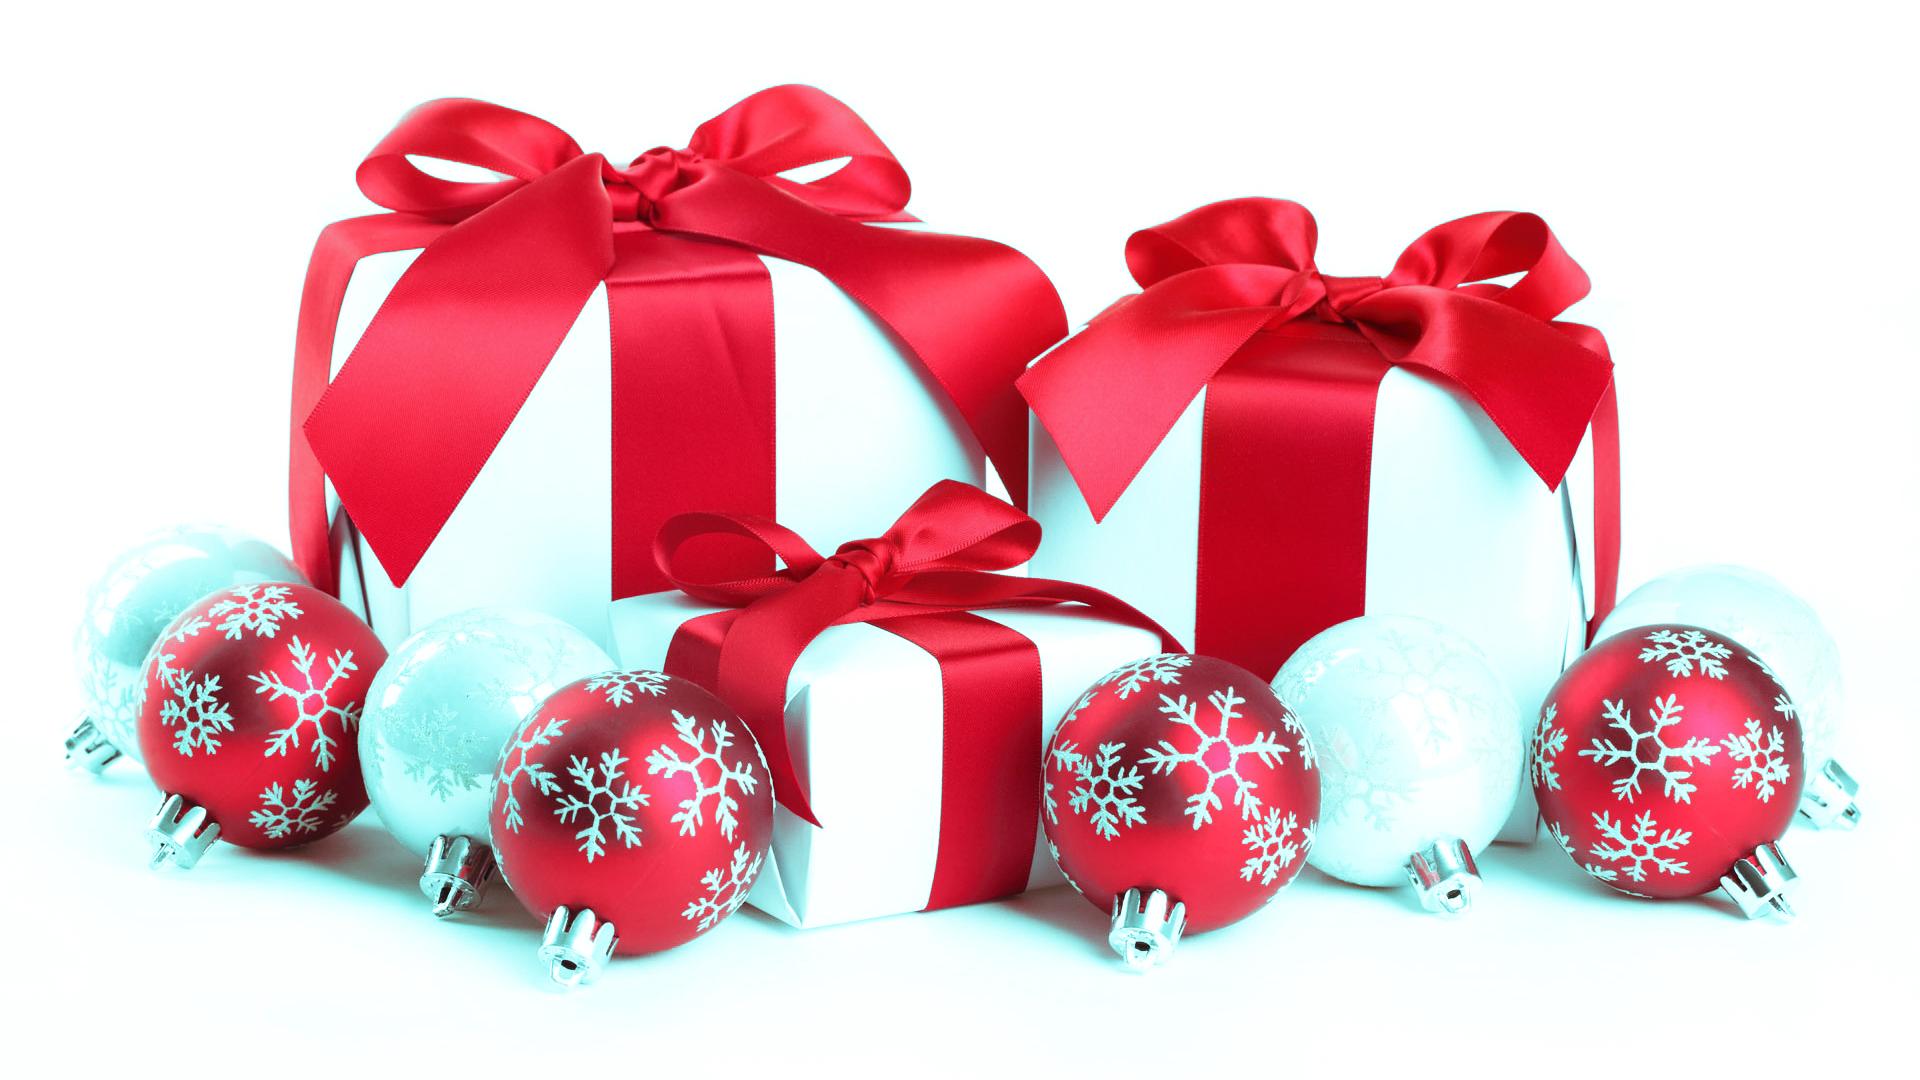 regalos-de-navidad-wallpapers_32005_1920x1080